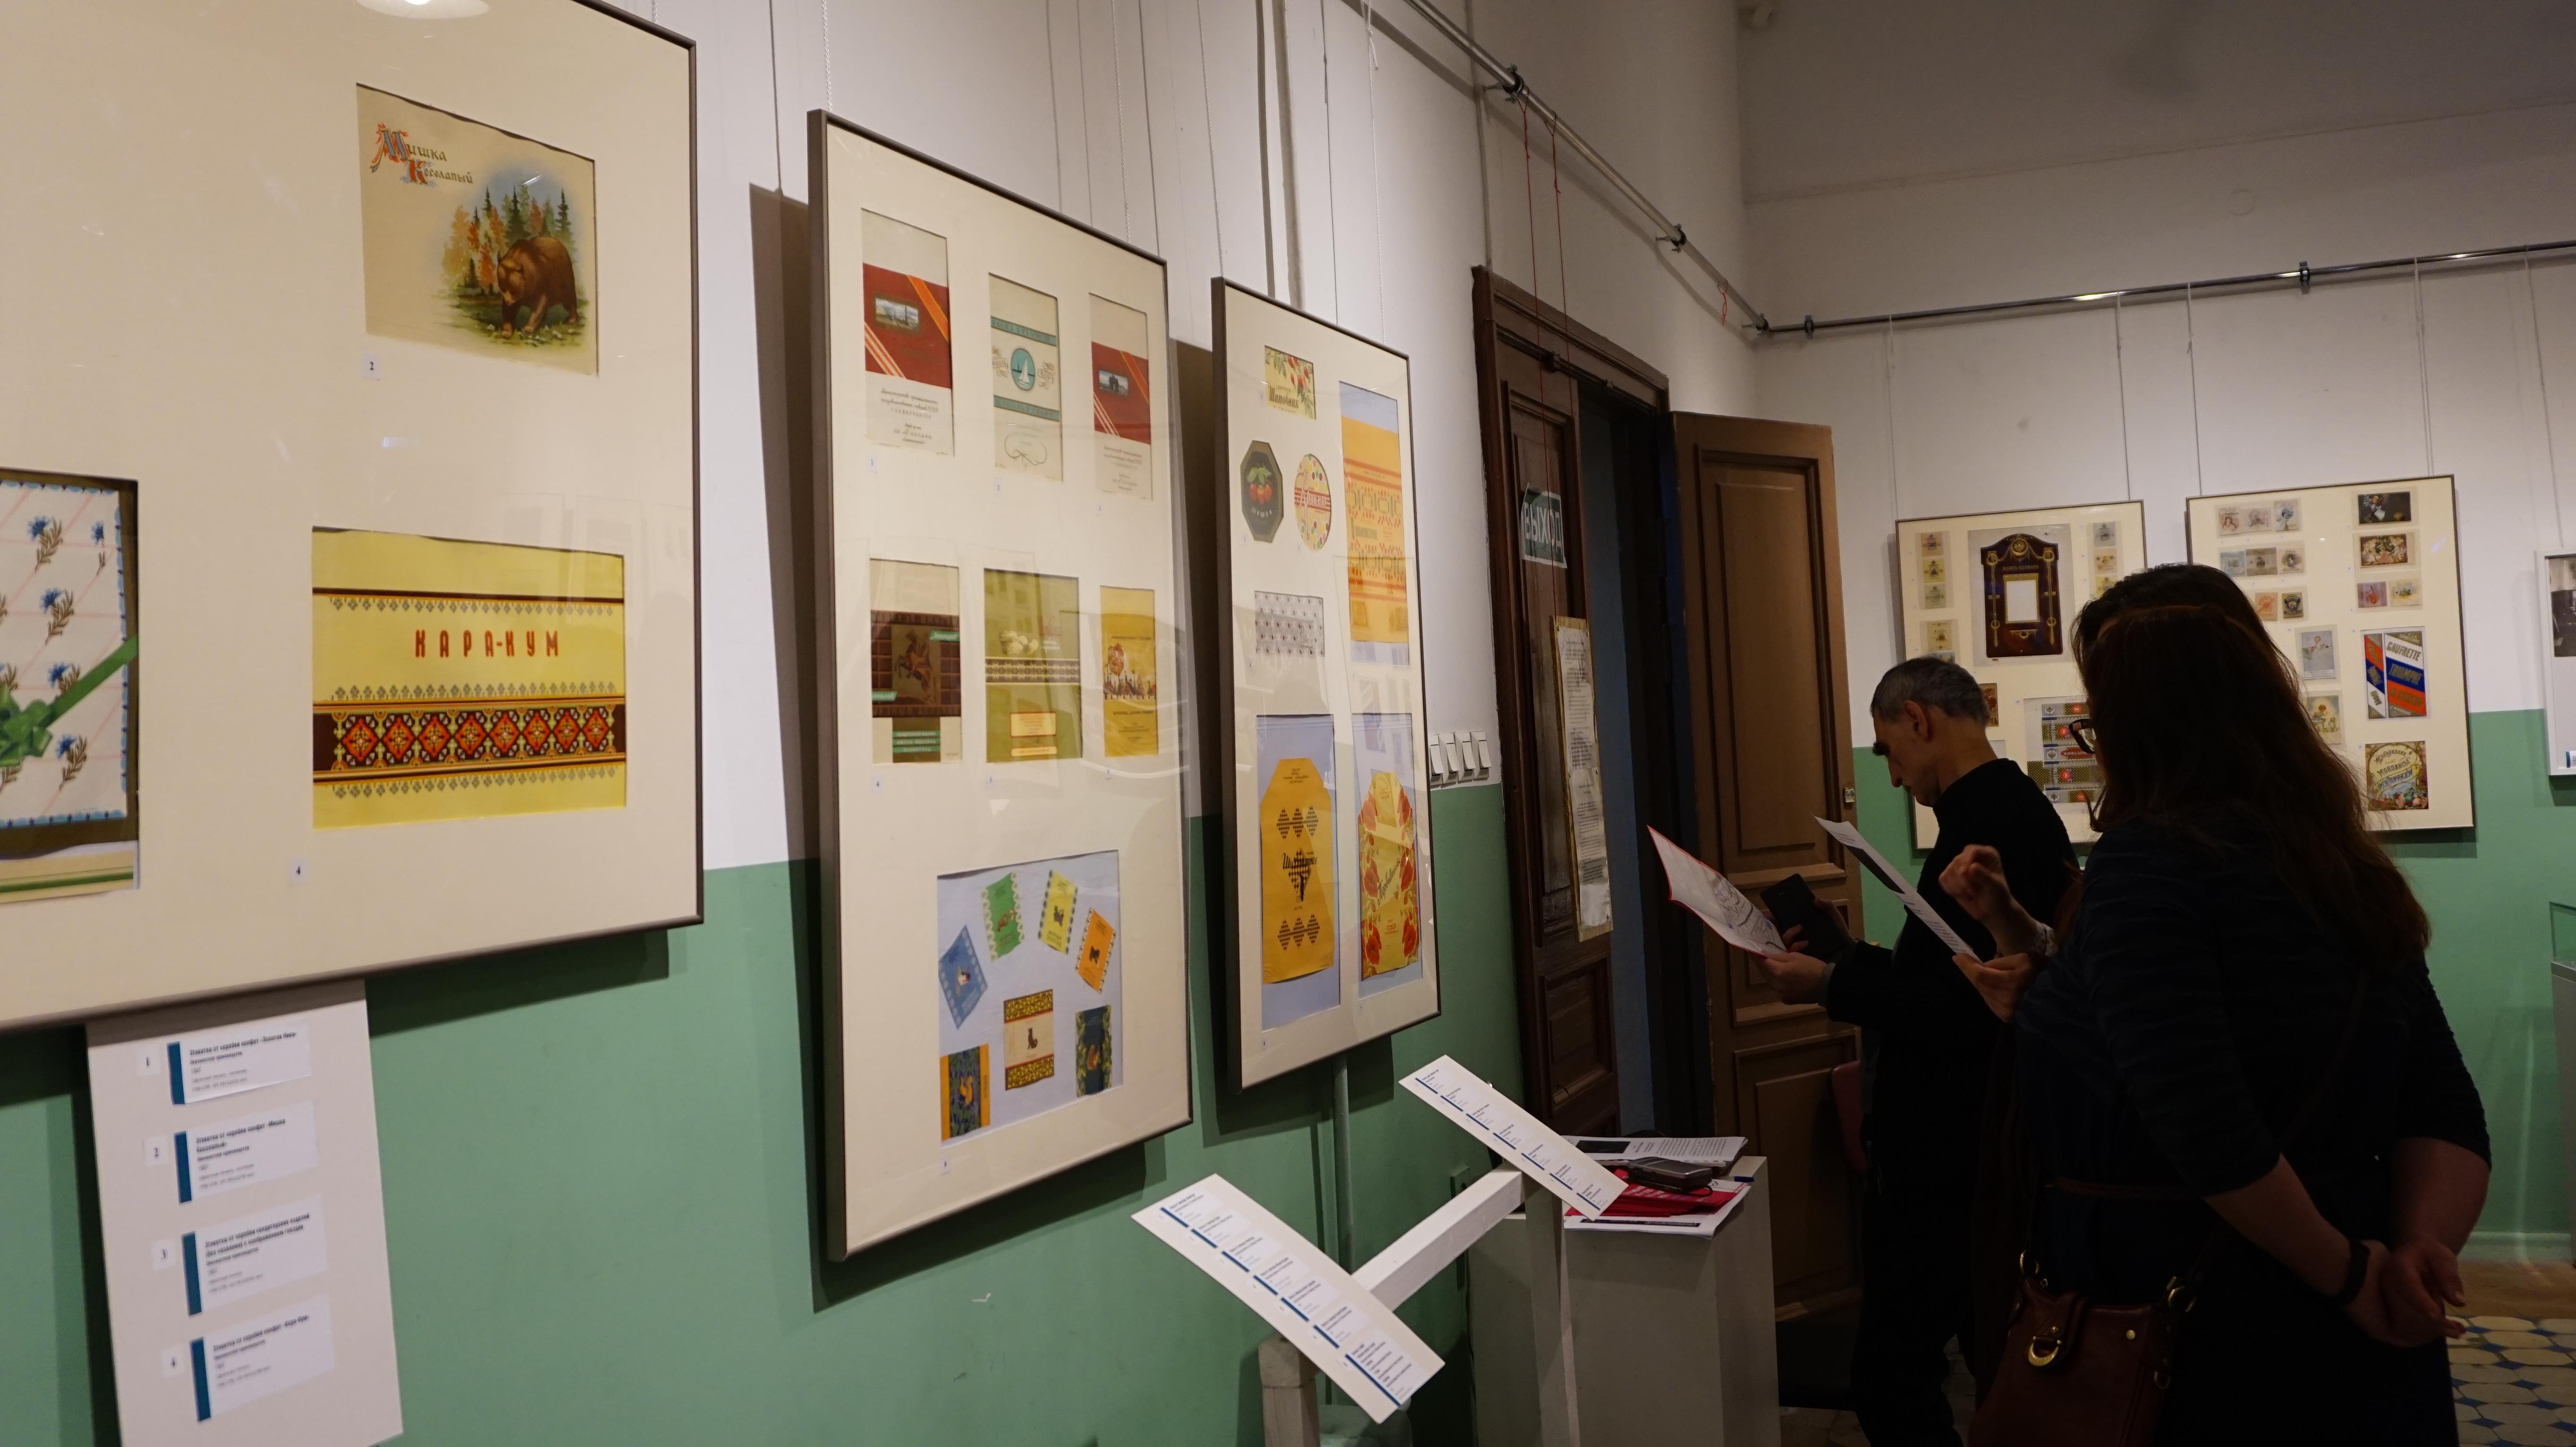 Уникальная выставка фантиков в Музее печати